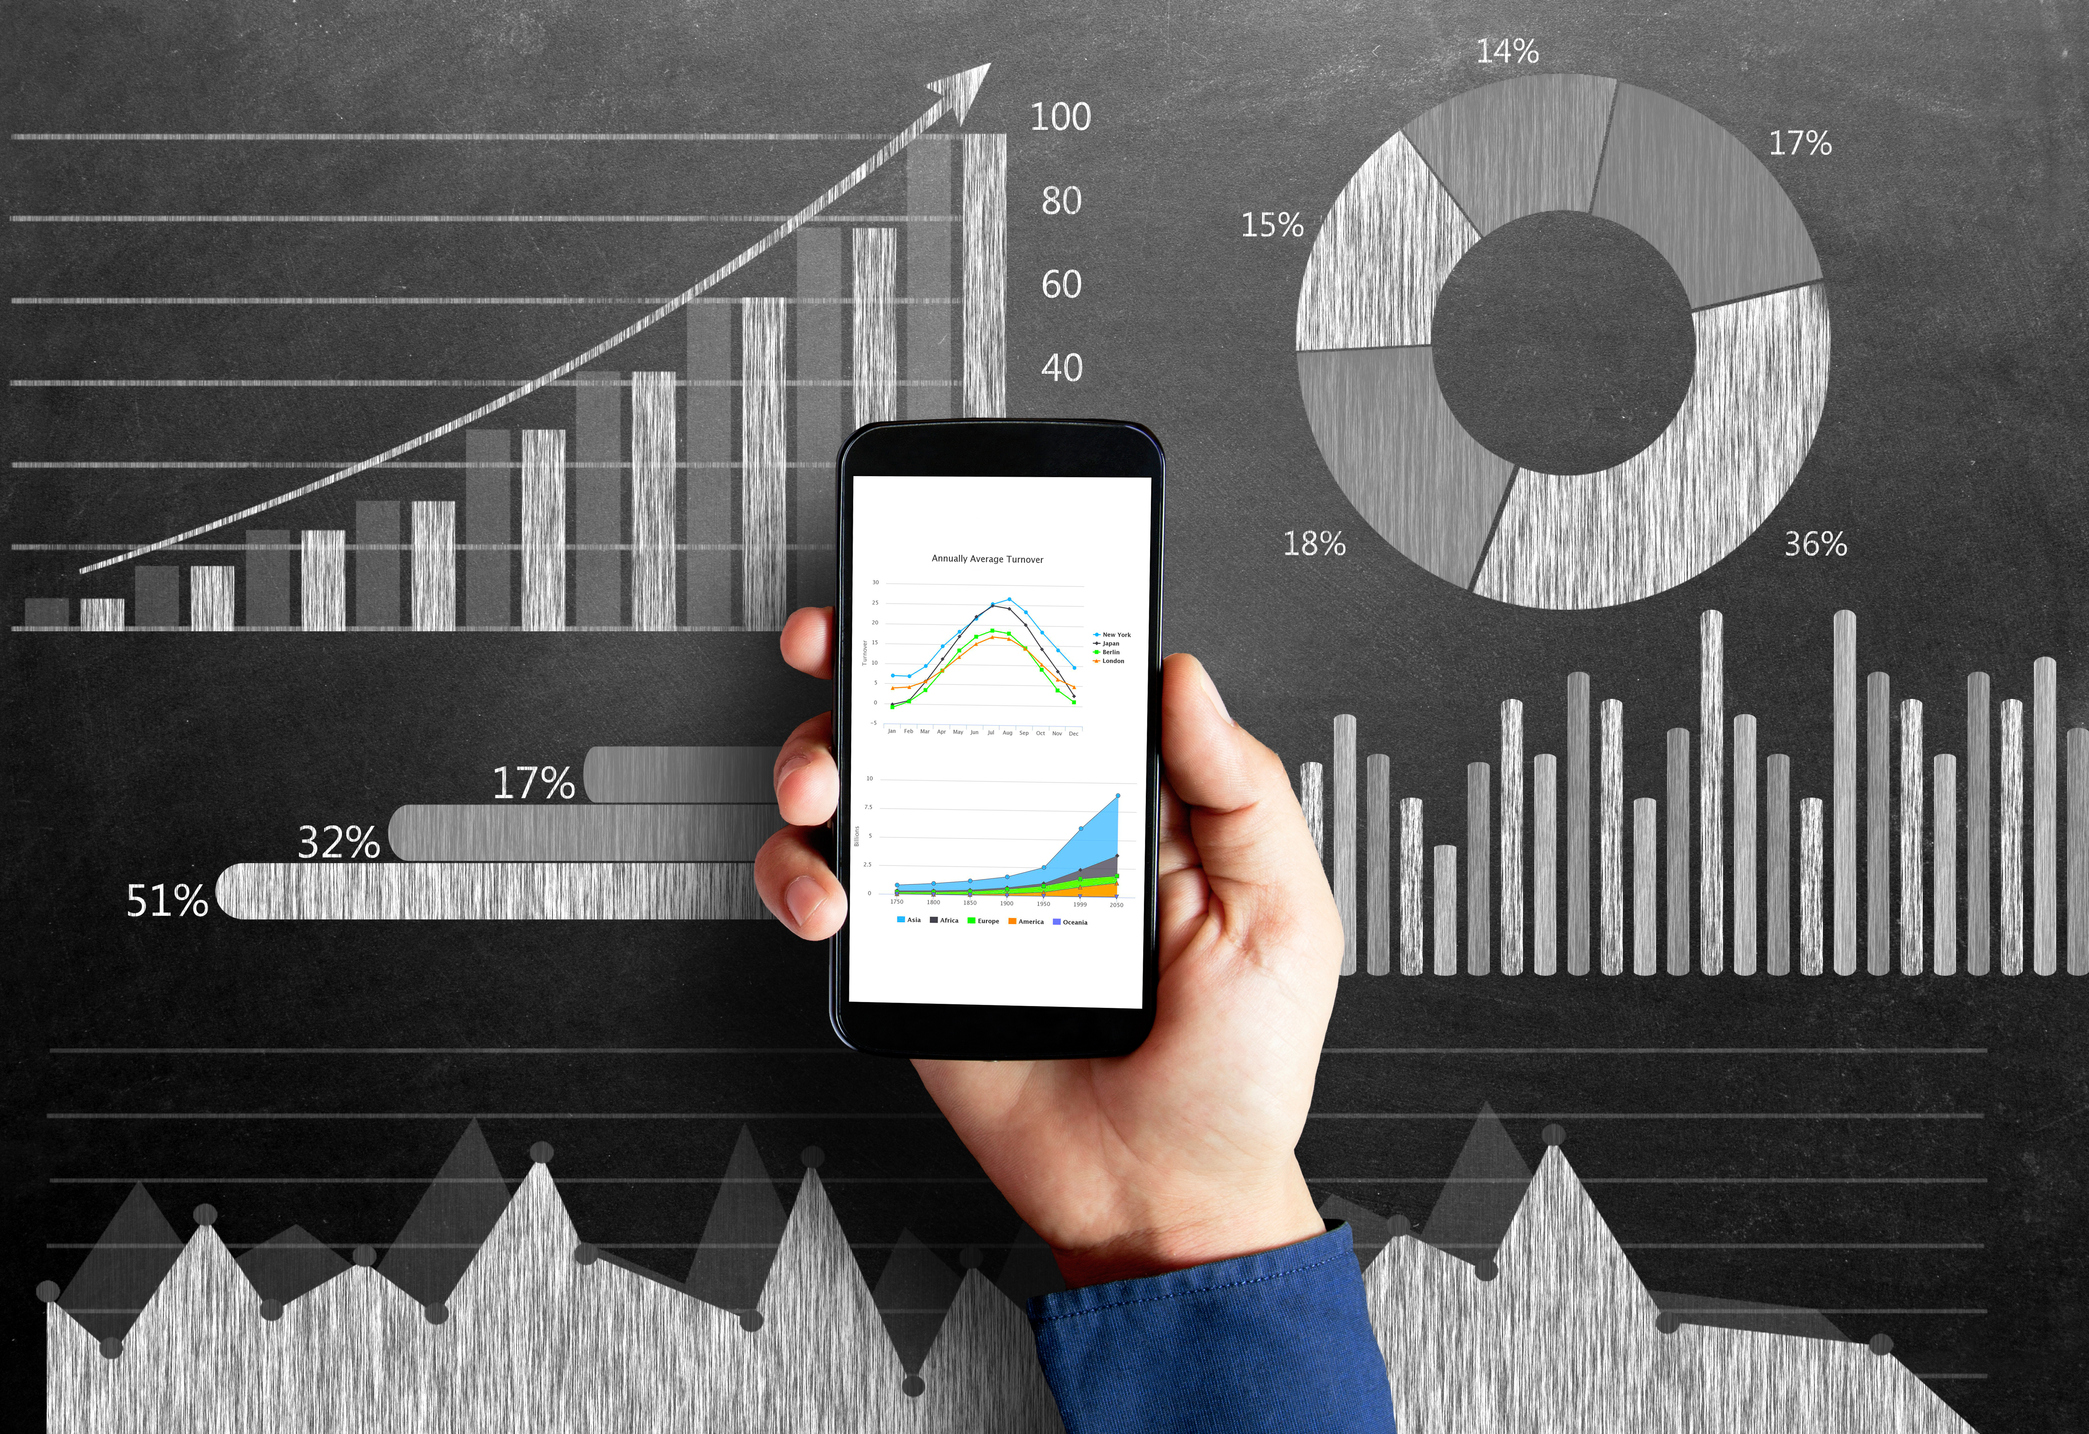 Taxa de Engajamento nas redes sociais: por que a métrica é fundamental para a performance do negócio